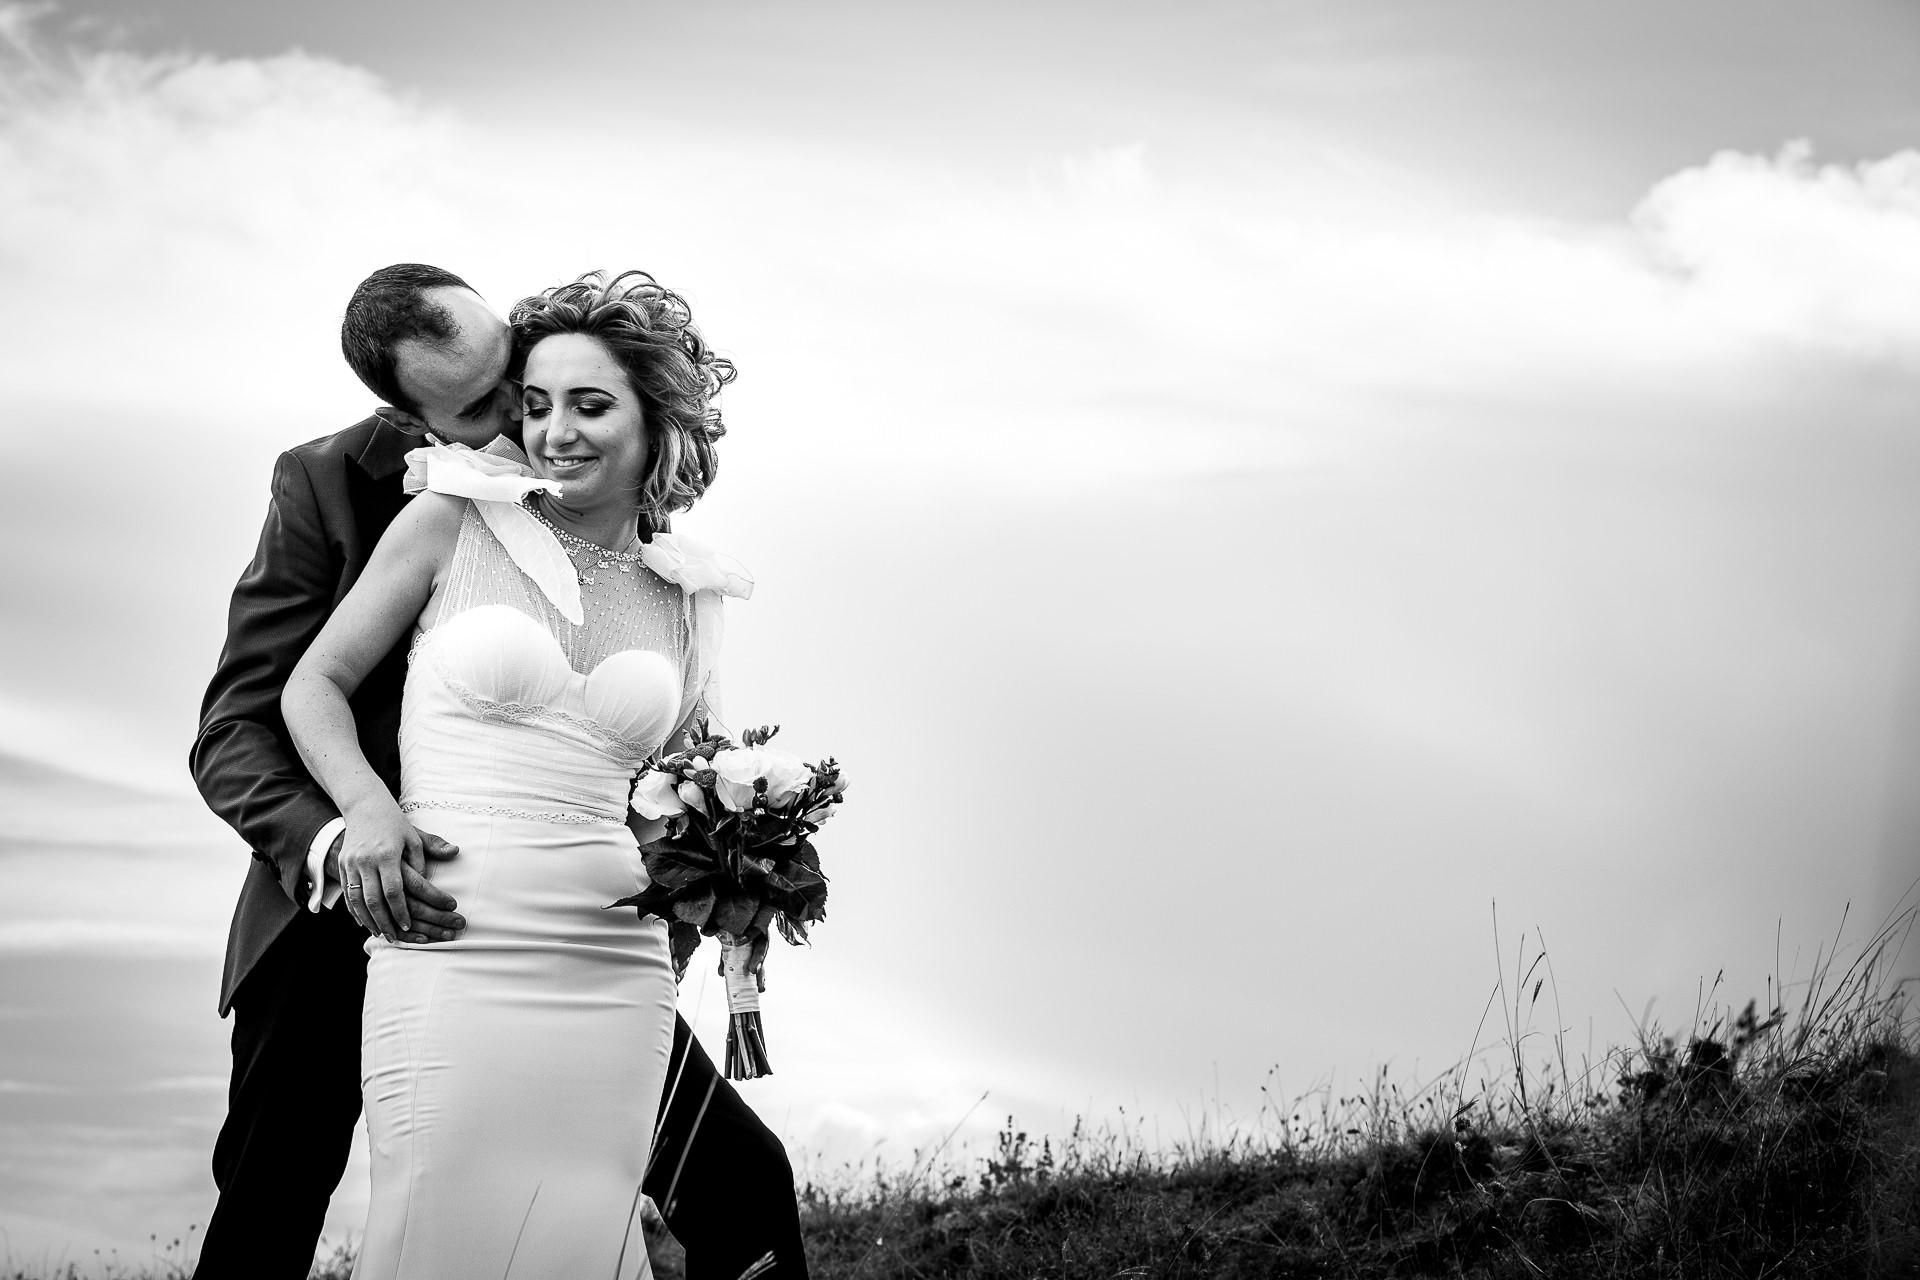 Şedinţă foto Trash The Dress - după nuntă la Cetatea Enisala, Tulcea - România - cu Mihaela şi Octavian - Mihai Zaharia Photography - 13